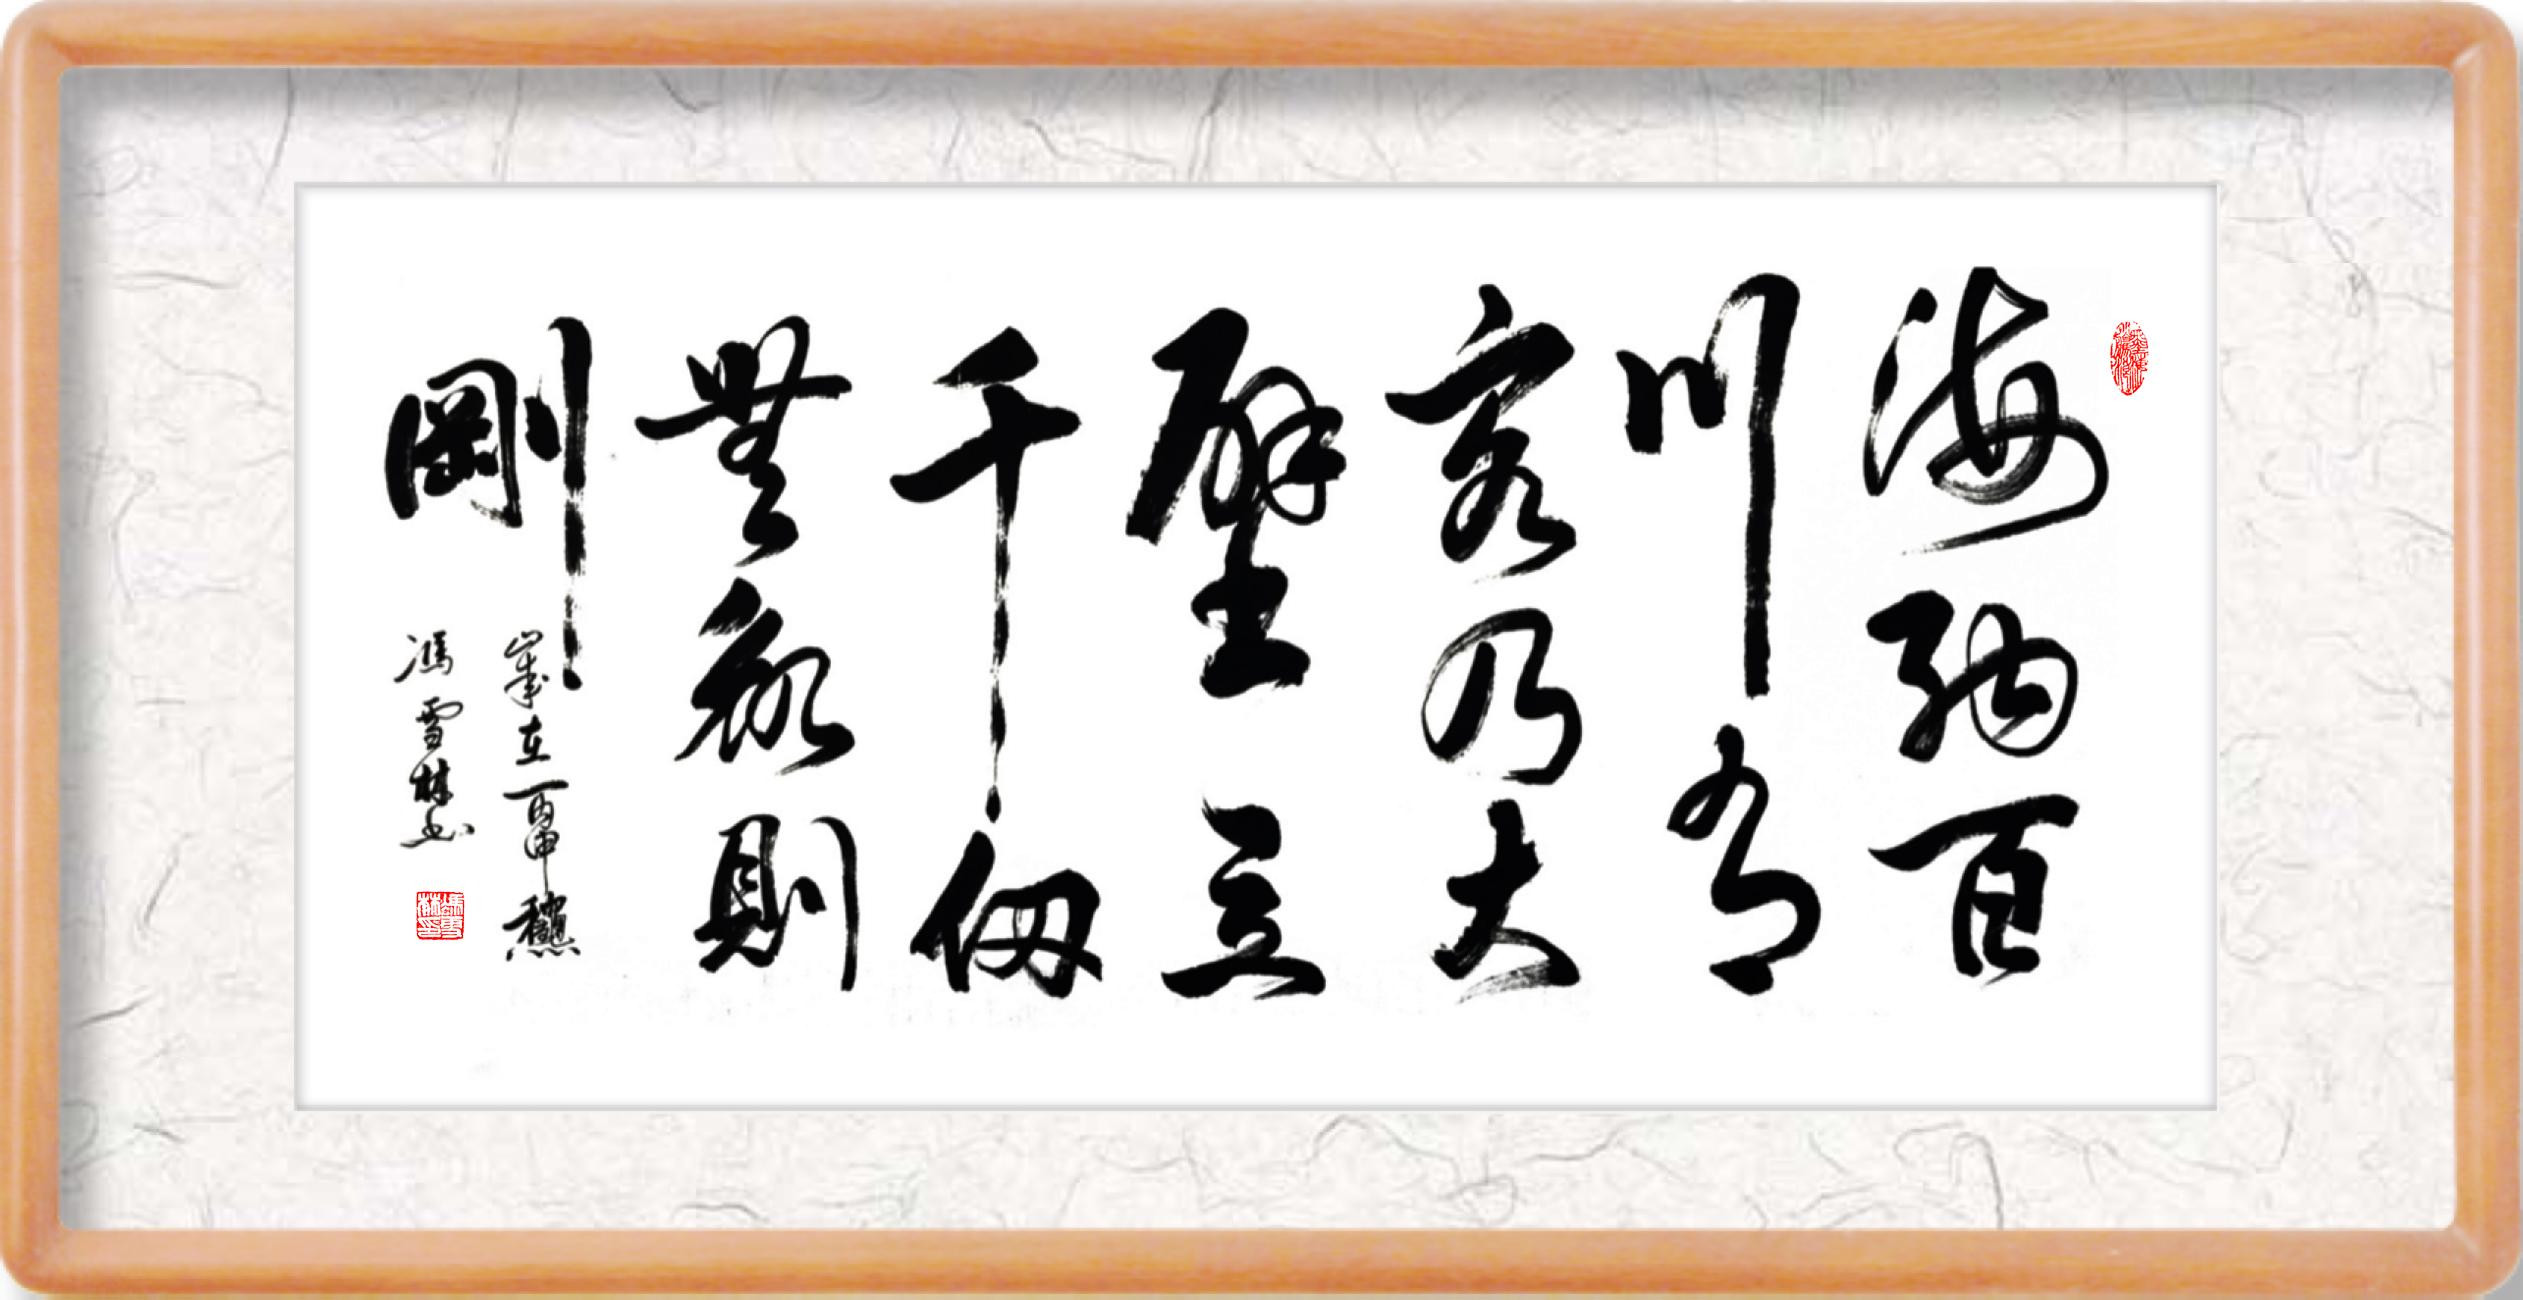 林则徐名联——海纳百川,有容乃大;壁立千仞,无欲则刚名家书法作品欣赏